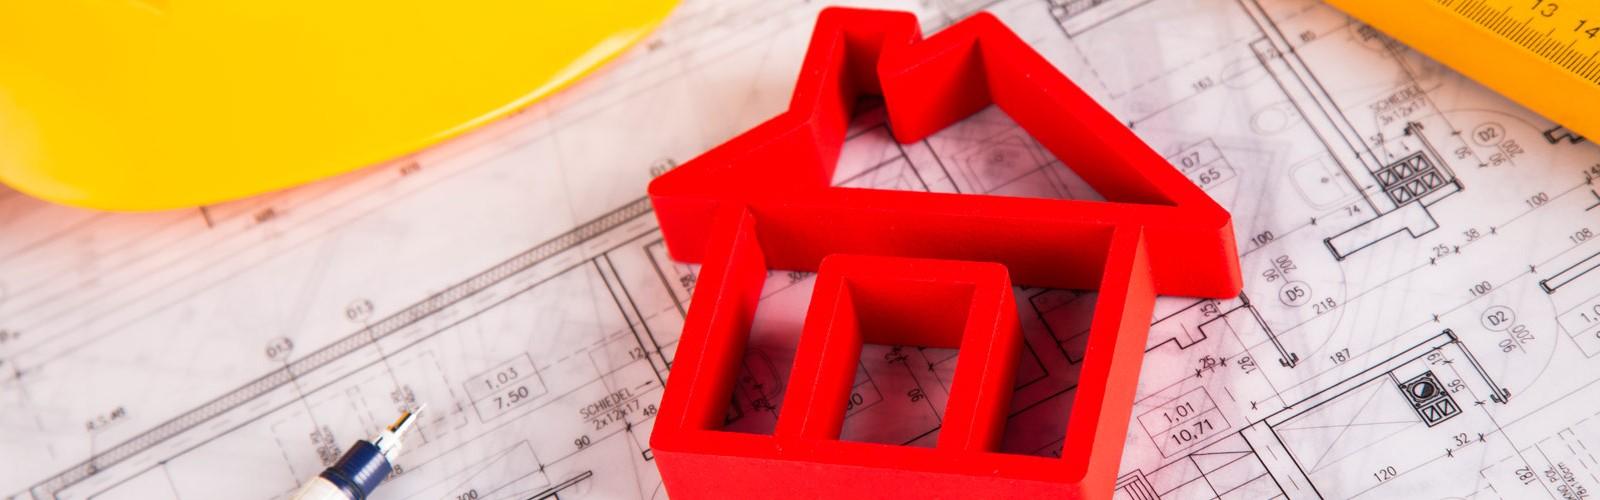 Opracowania map do celów projektowych oraz prawnych Piła